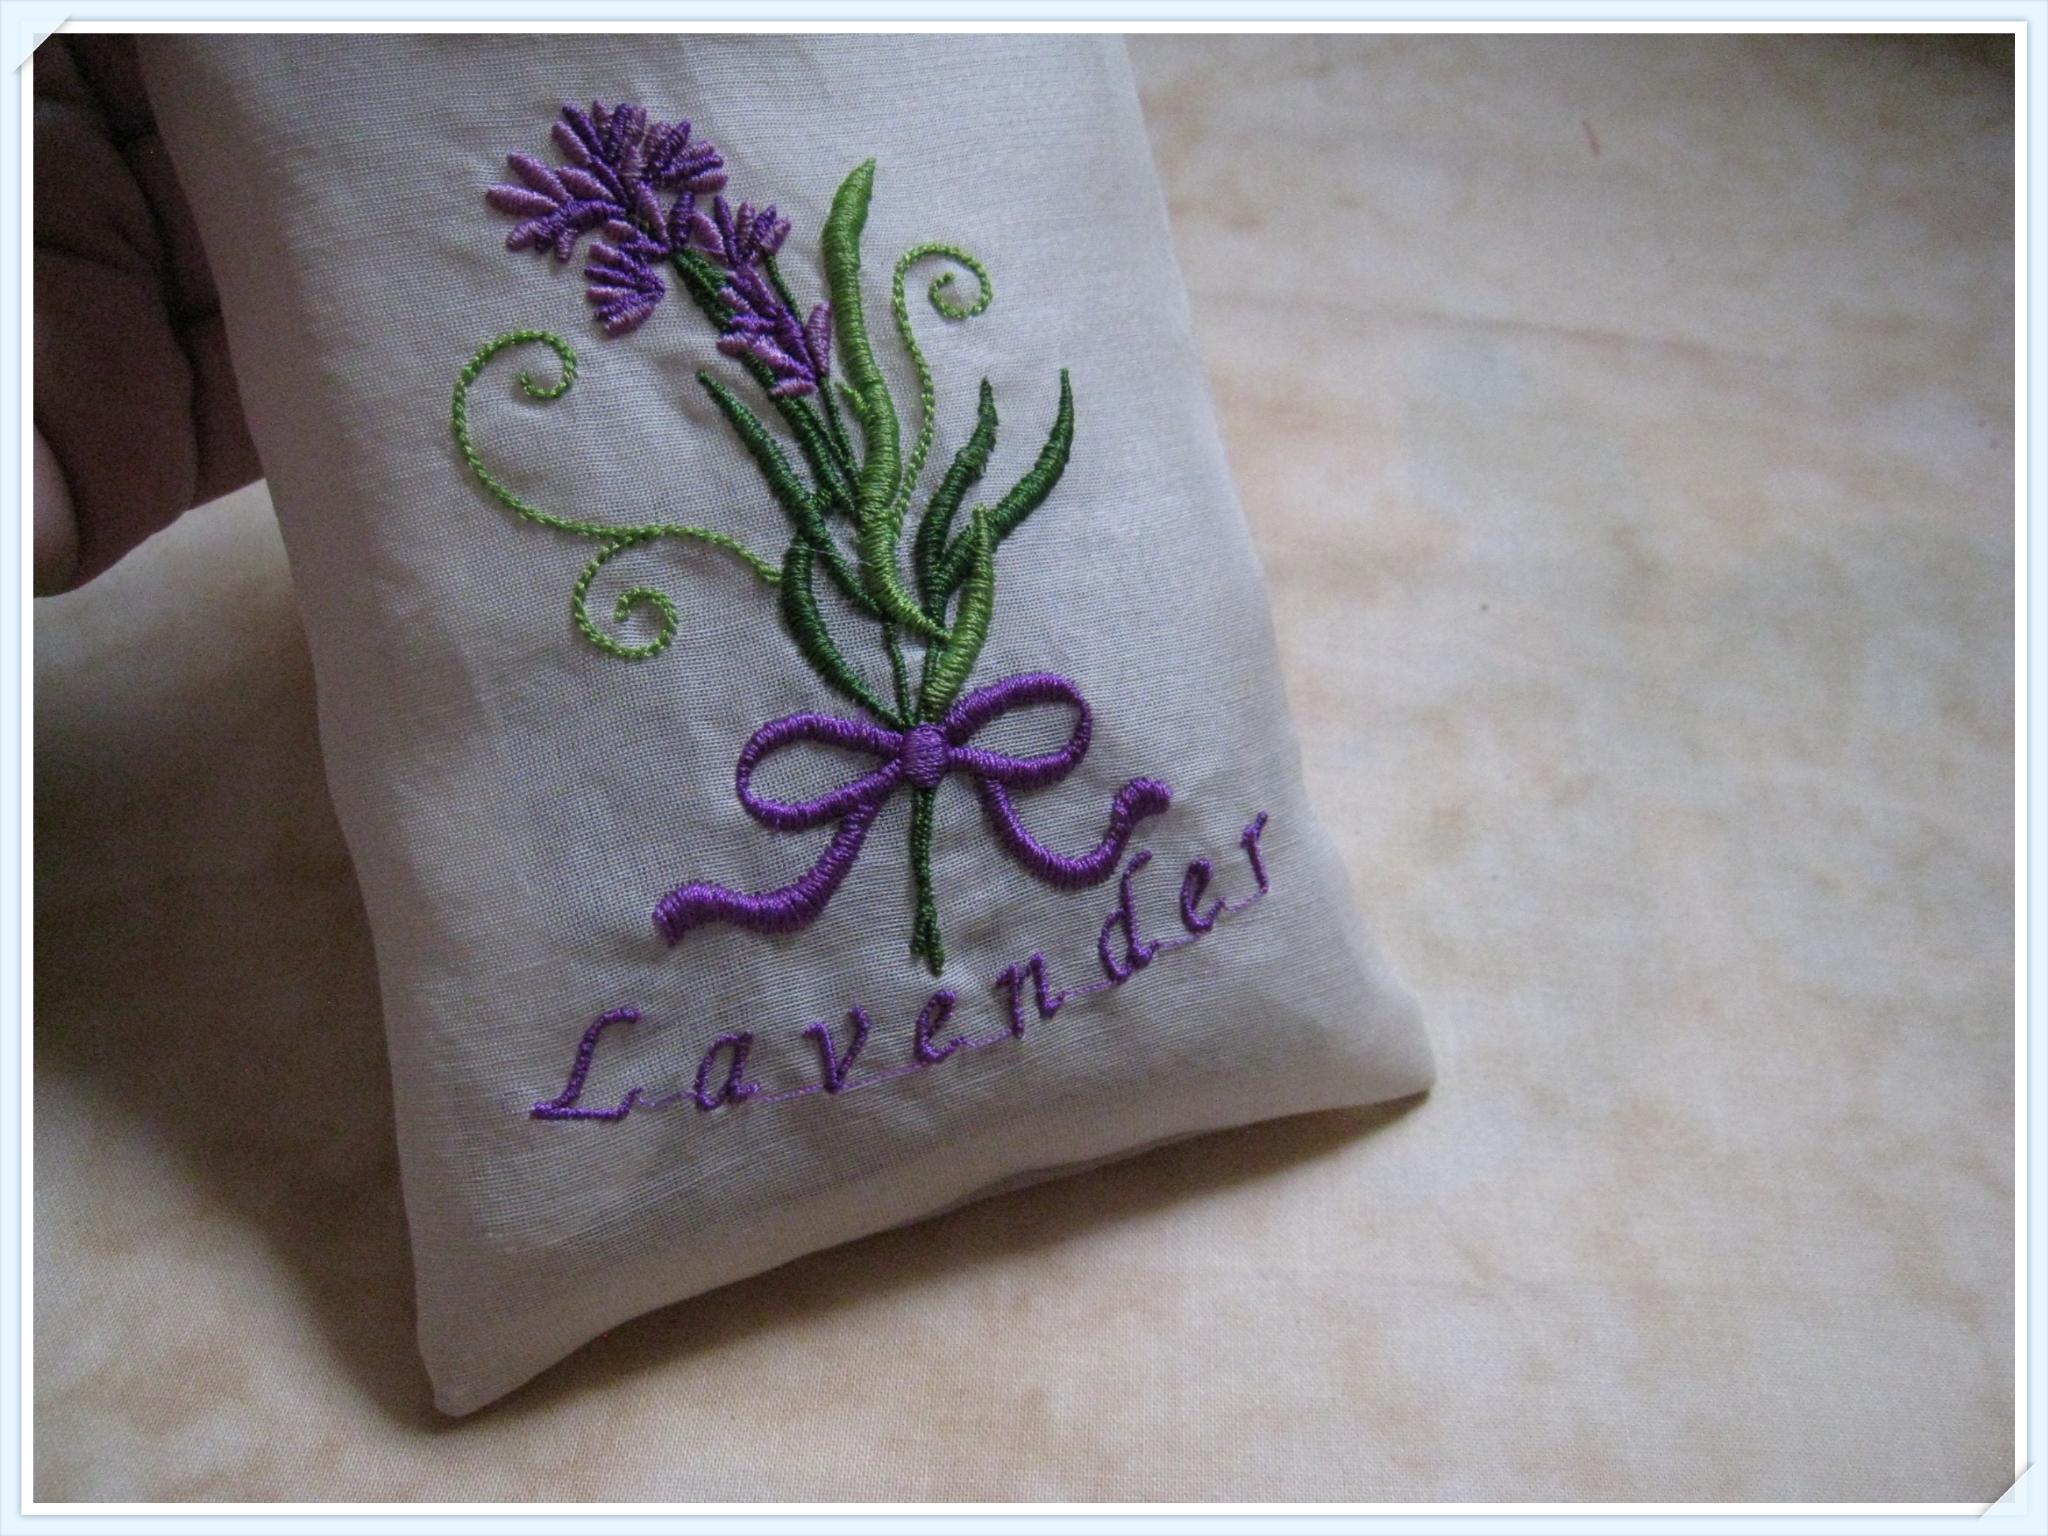 lavender_sasha_2_808.jpg